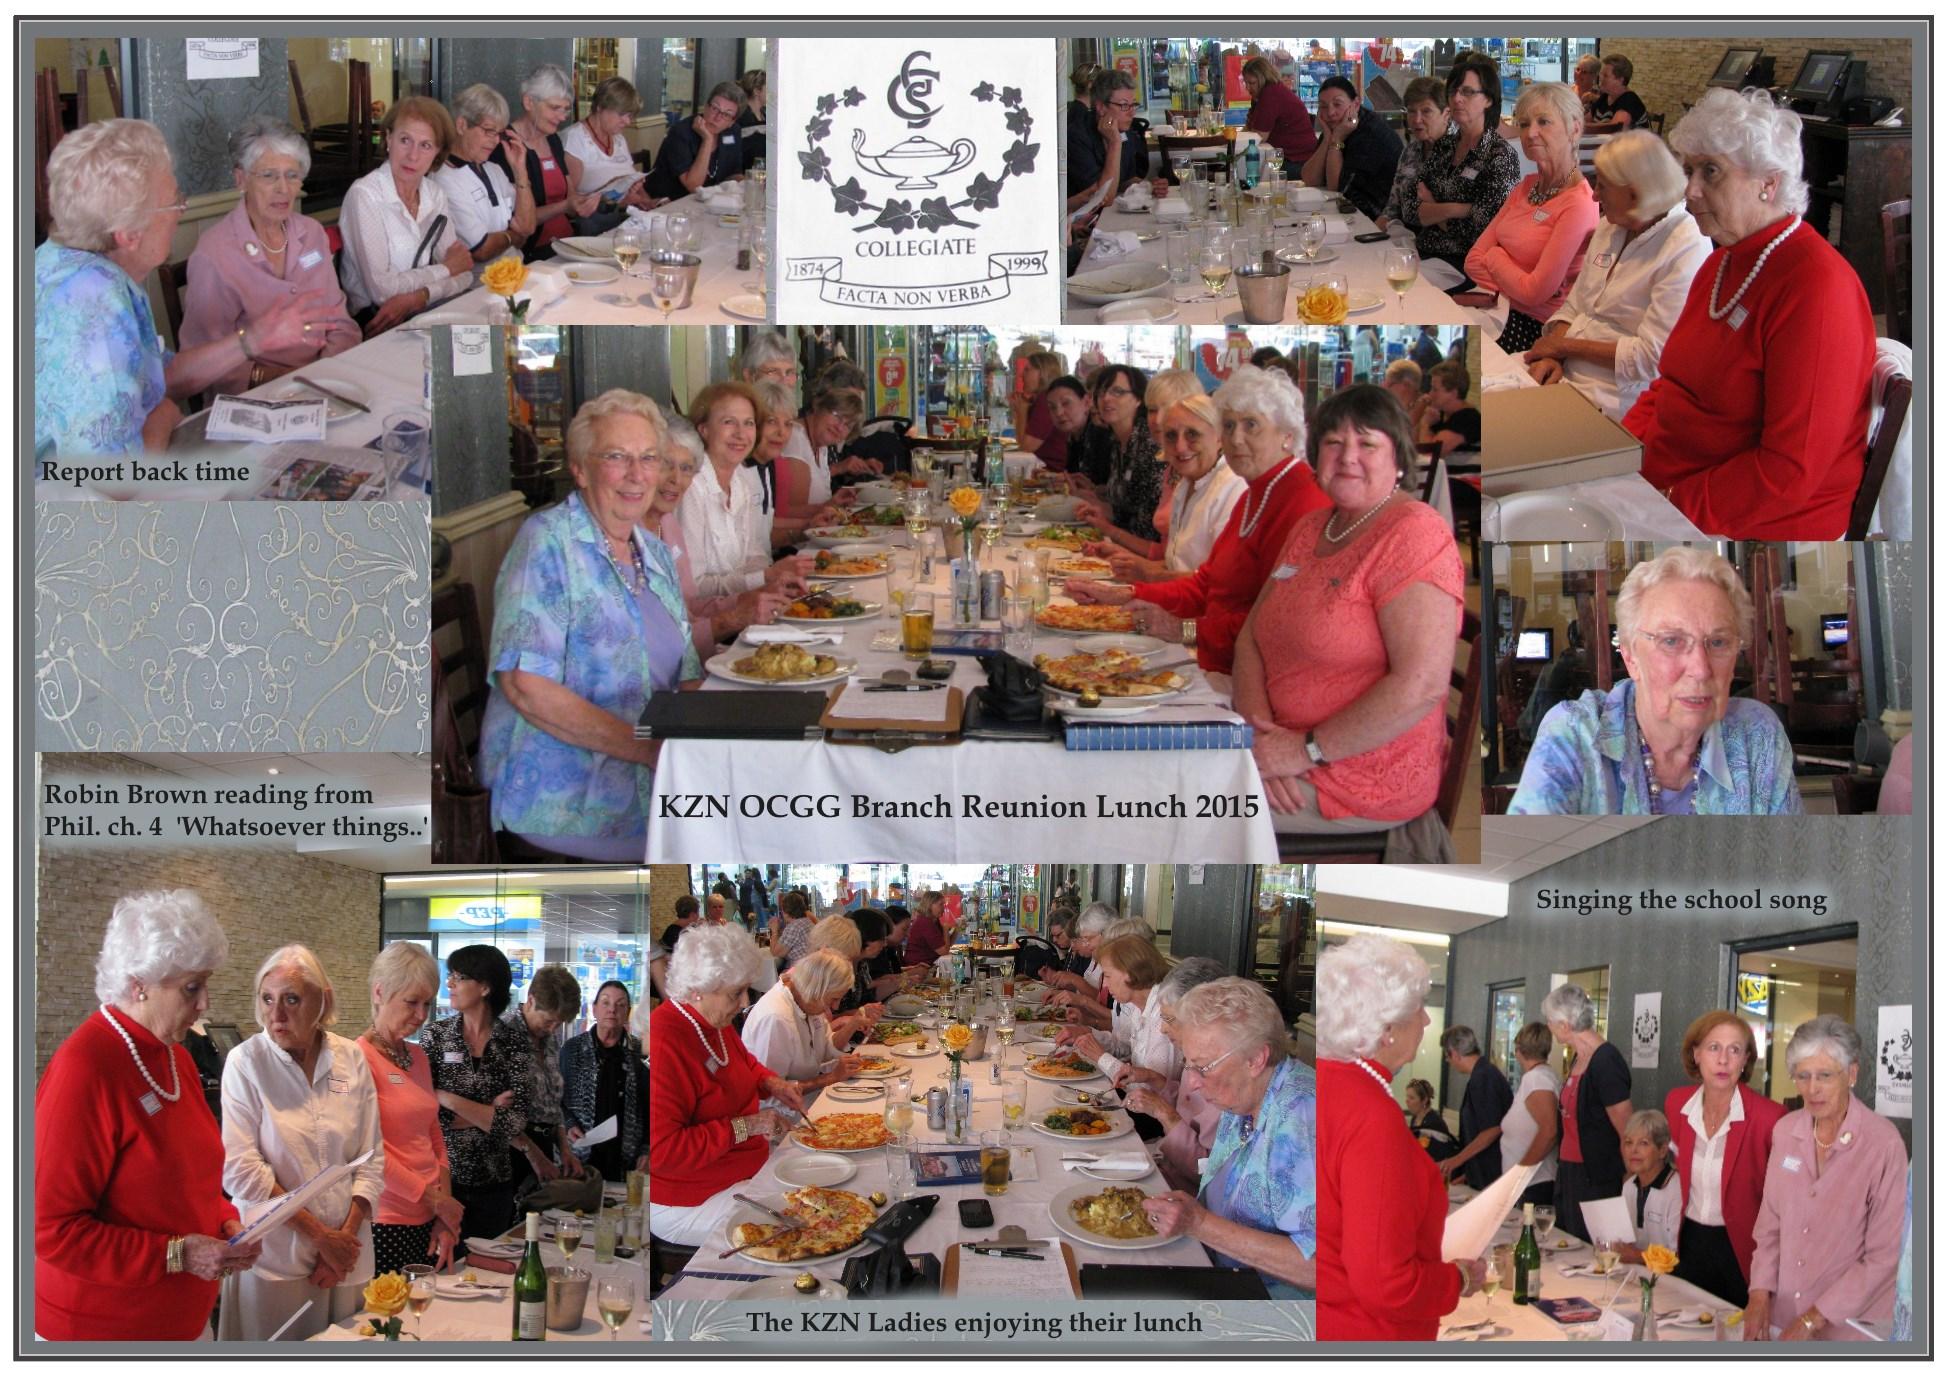 kzn_luncheon_reunion_collage.jpg